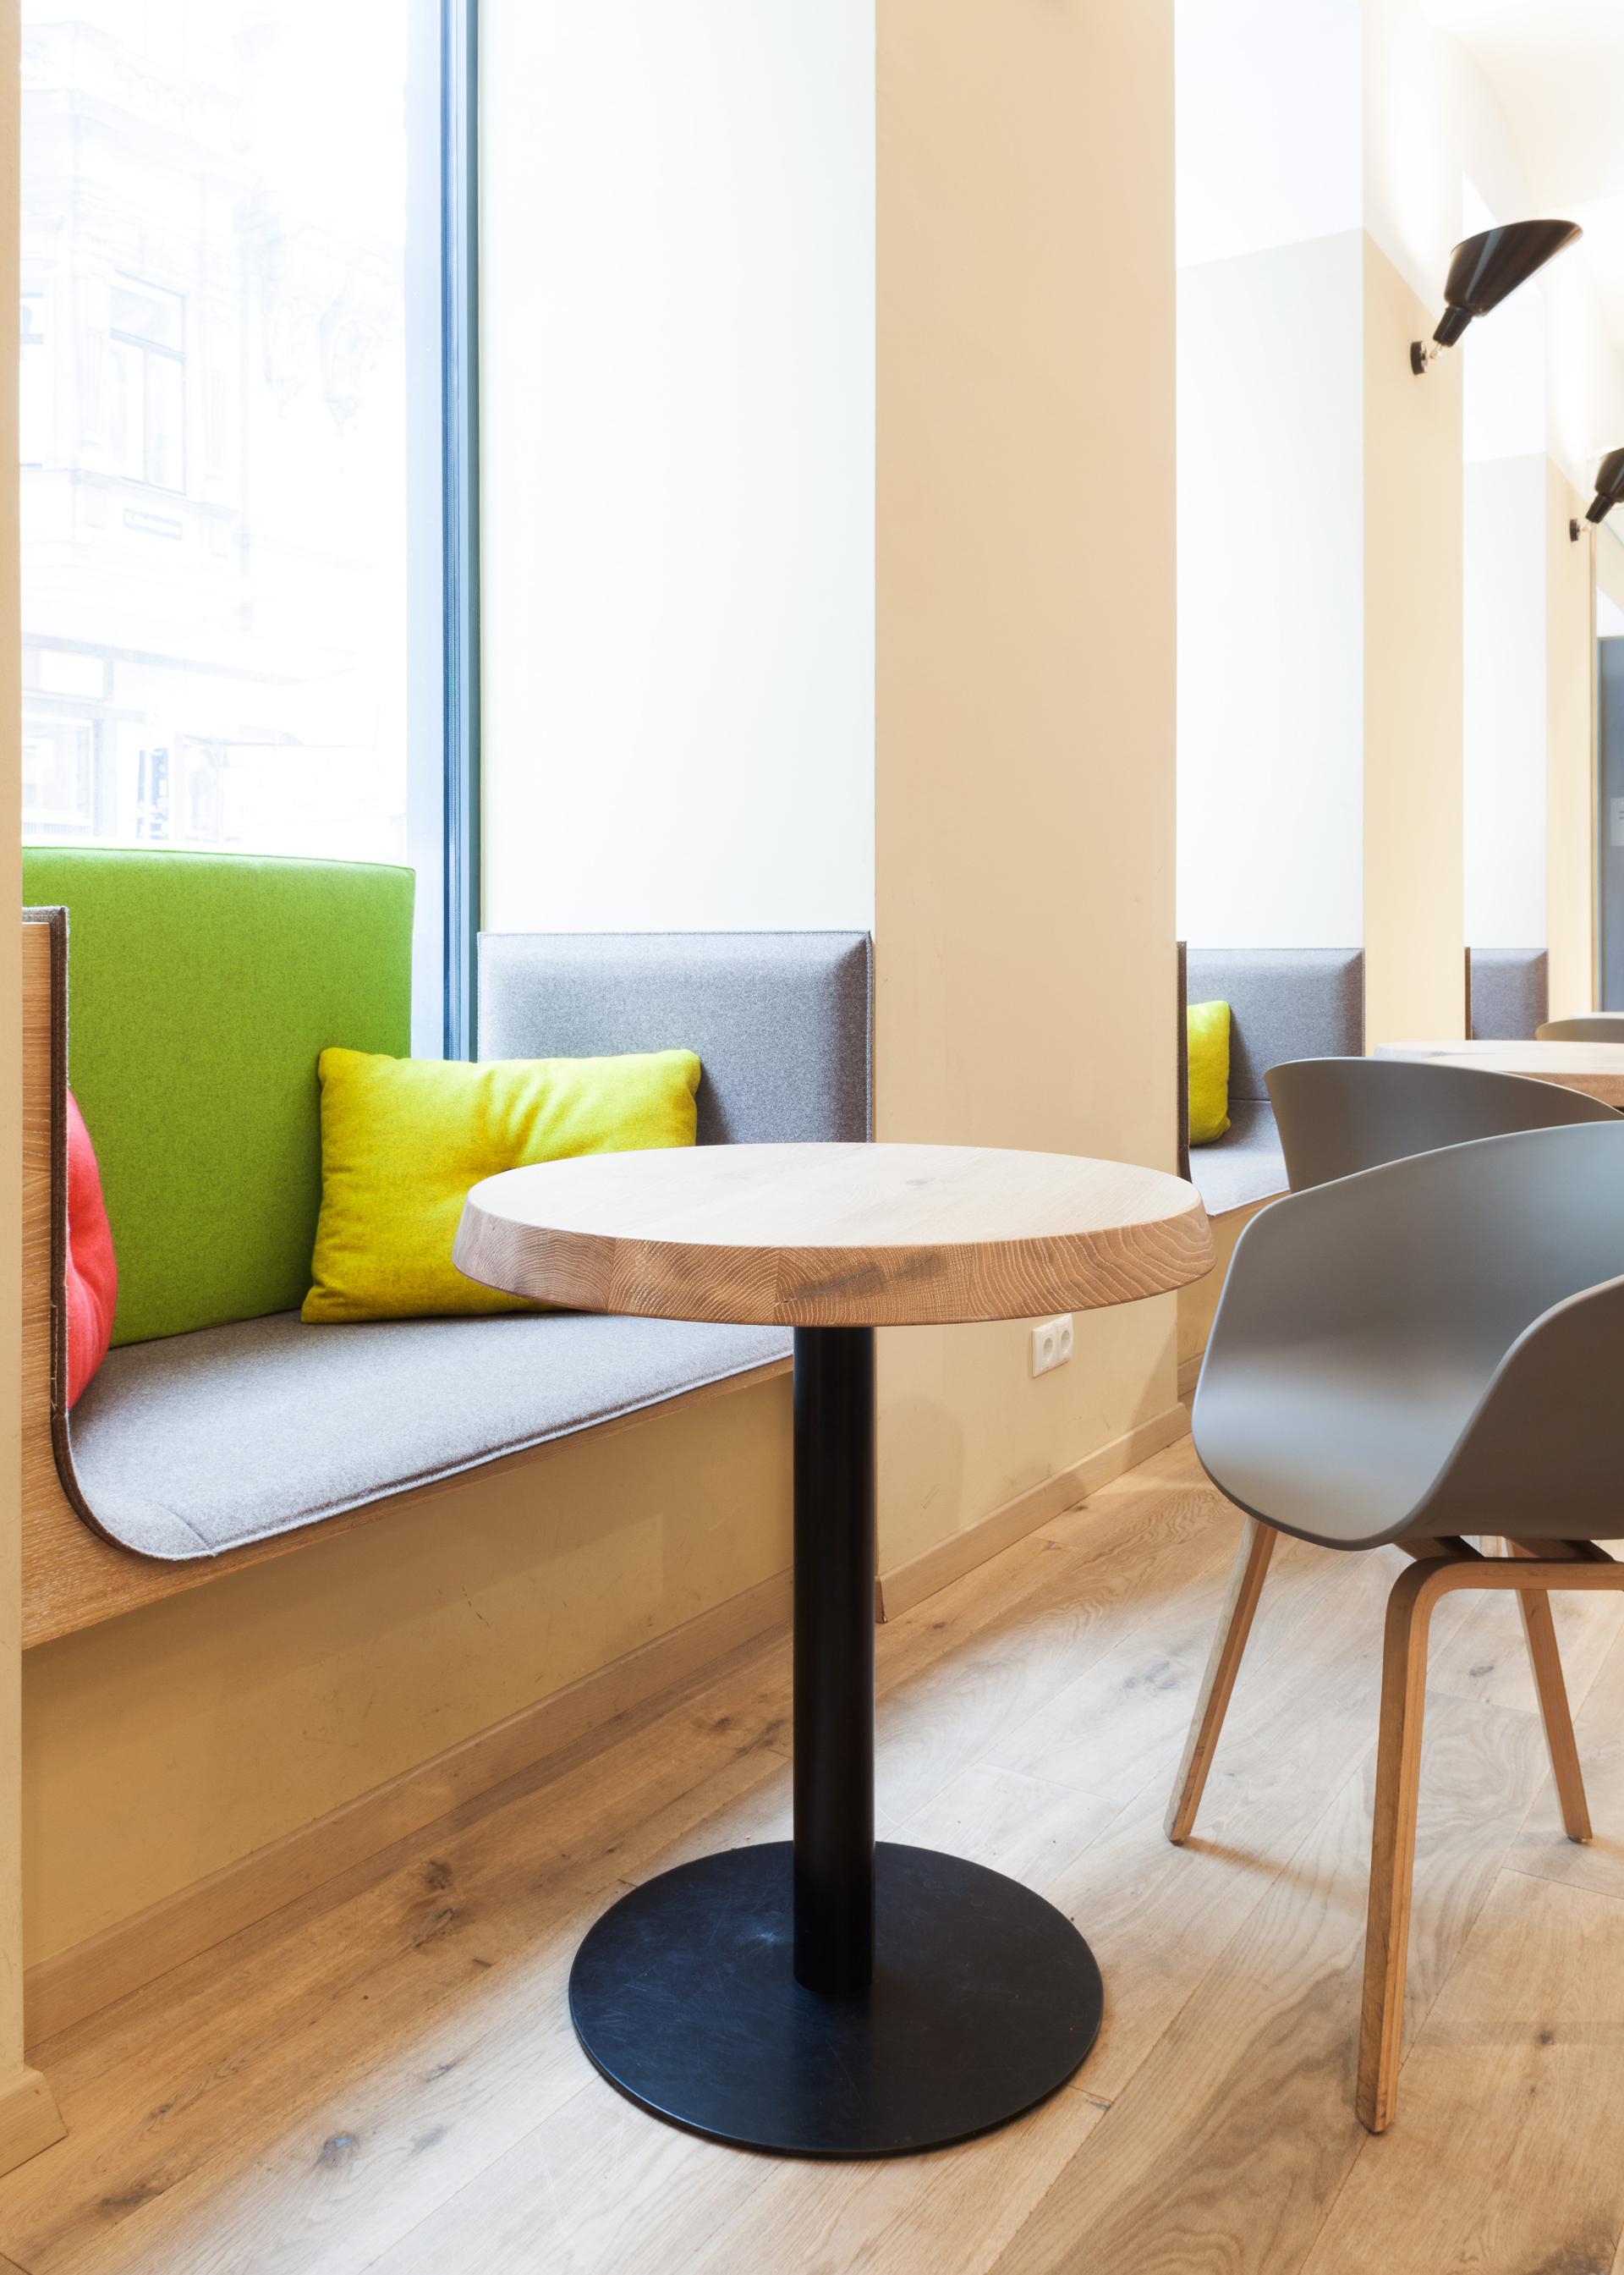 Detailansicht einer Sitzbank mit kleinem runden Tisch in der Rauch Juice Bar